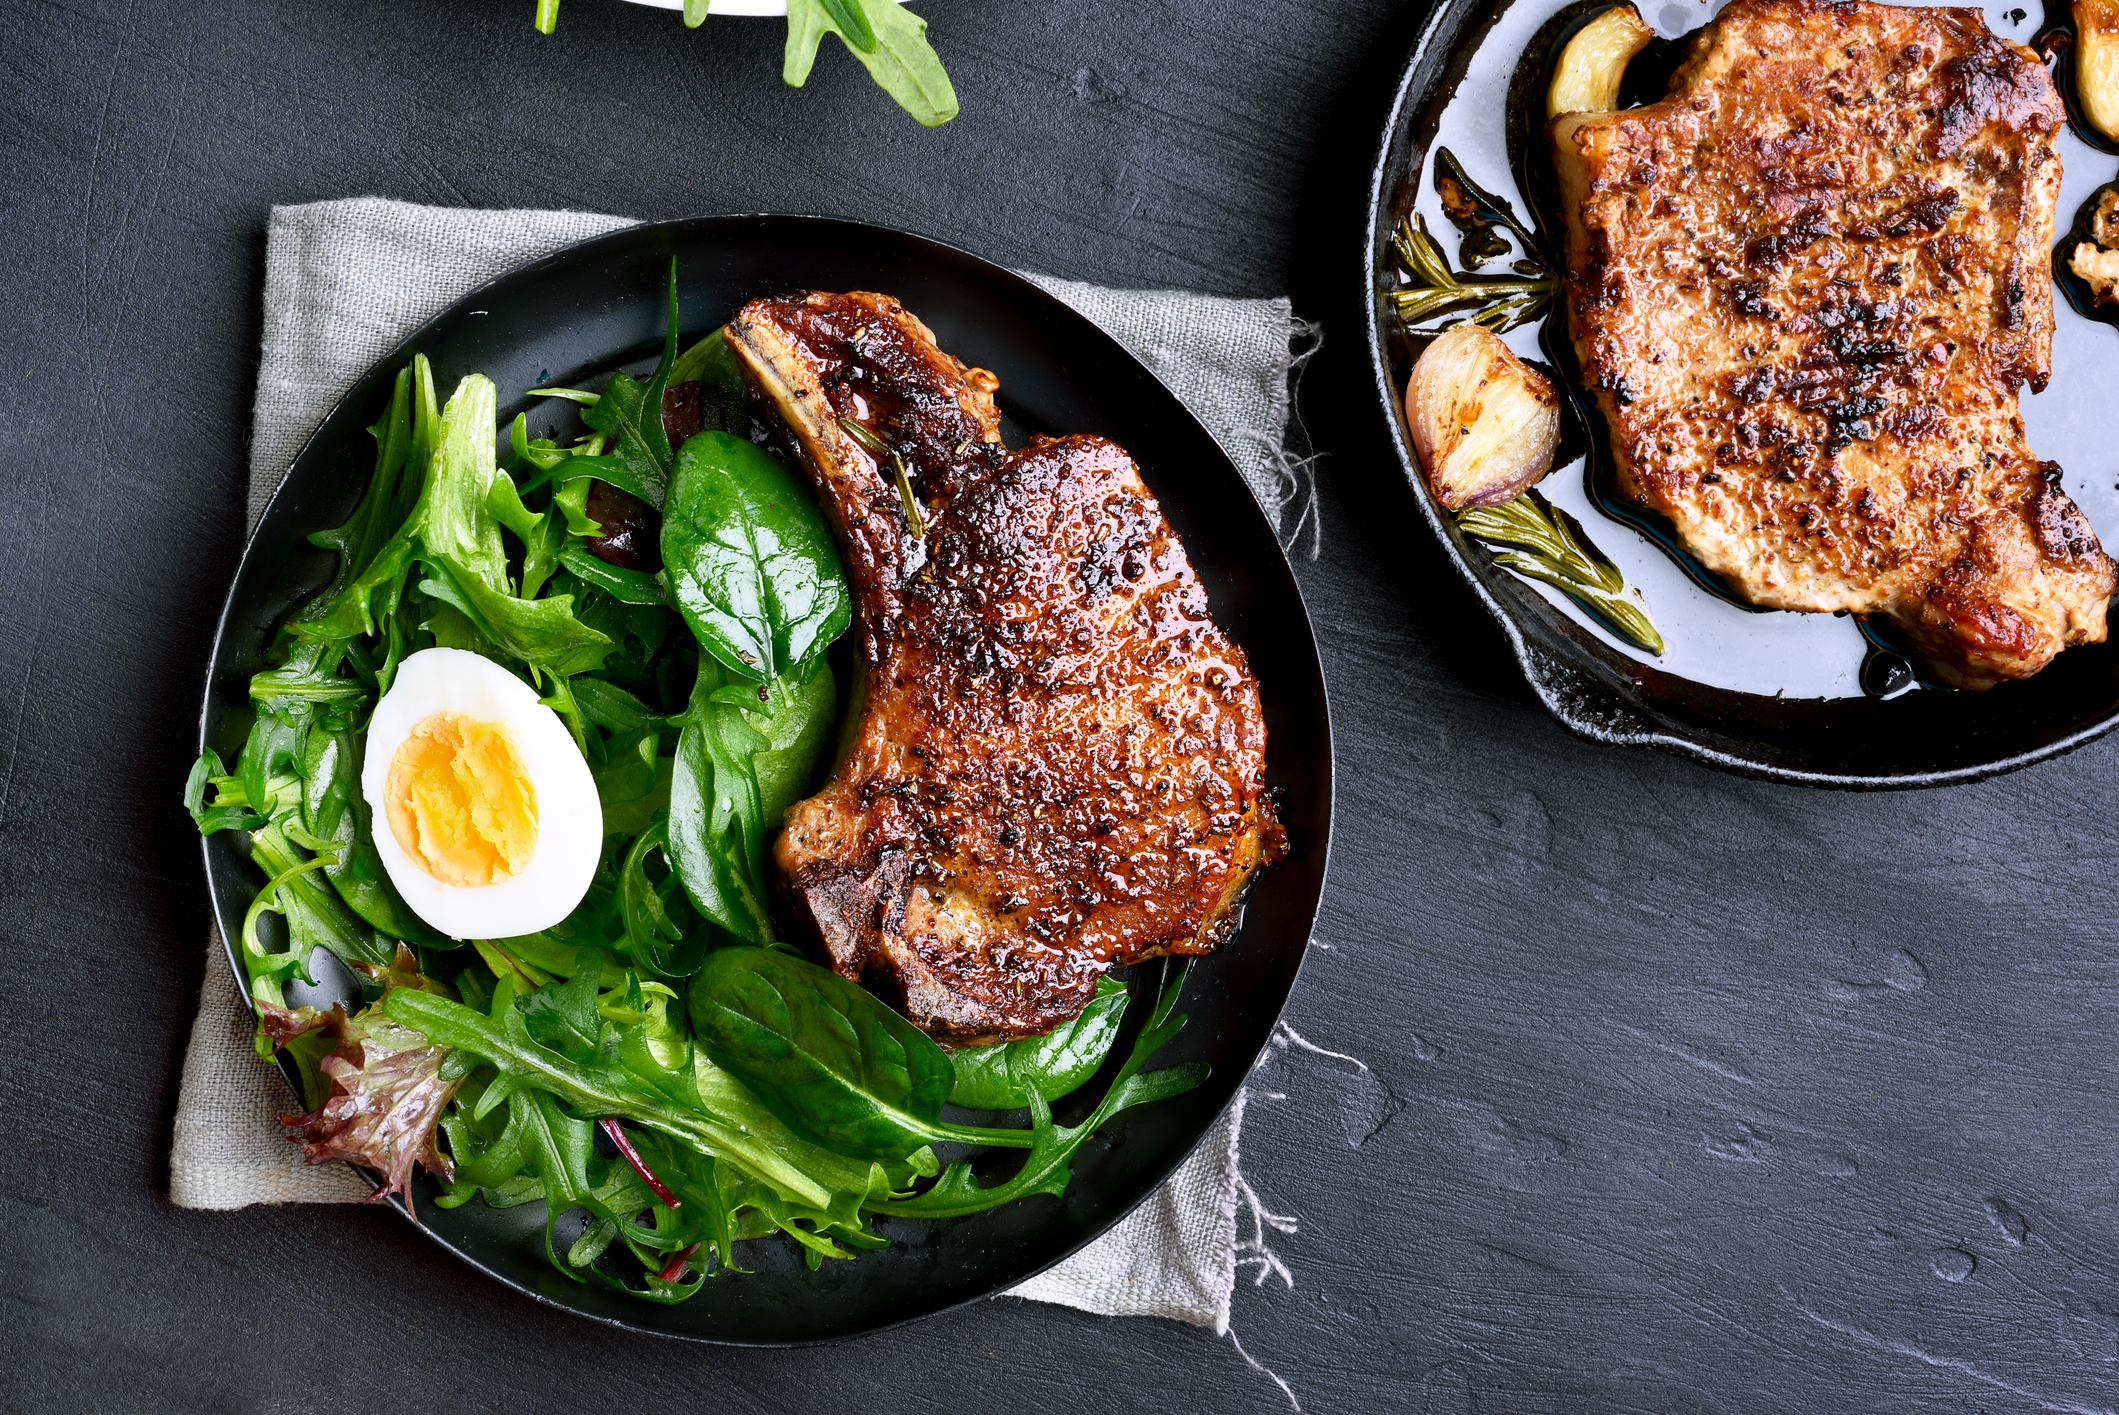 Prato de salada com carne e ovo